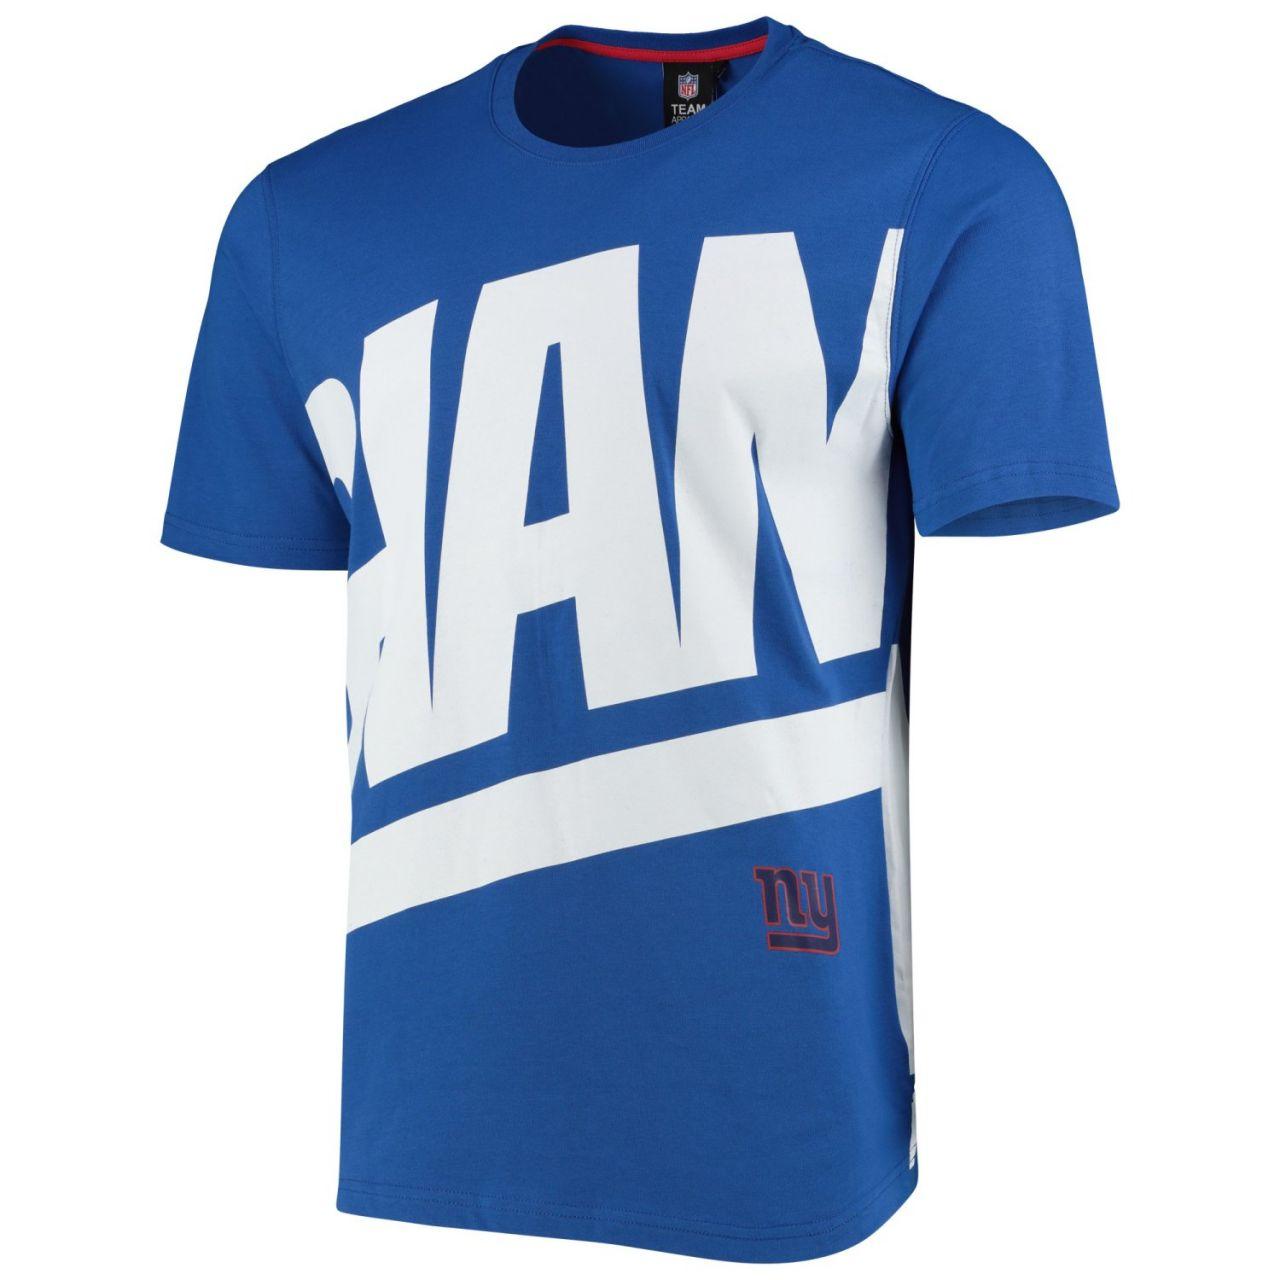 amfoo - New York Giants BIG GRAPHIC NFL Shirt royal